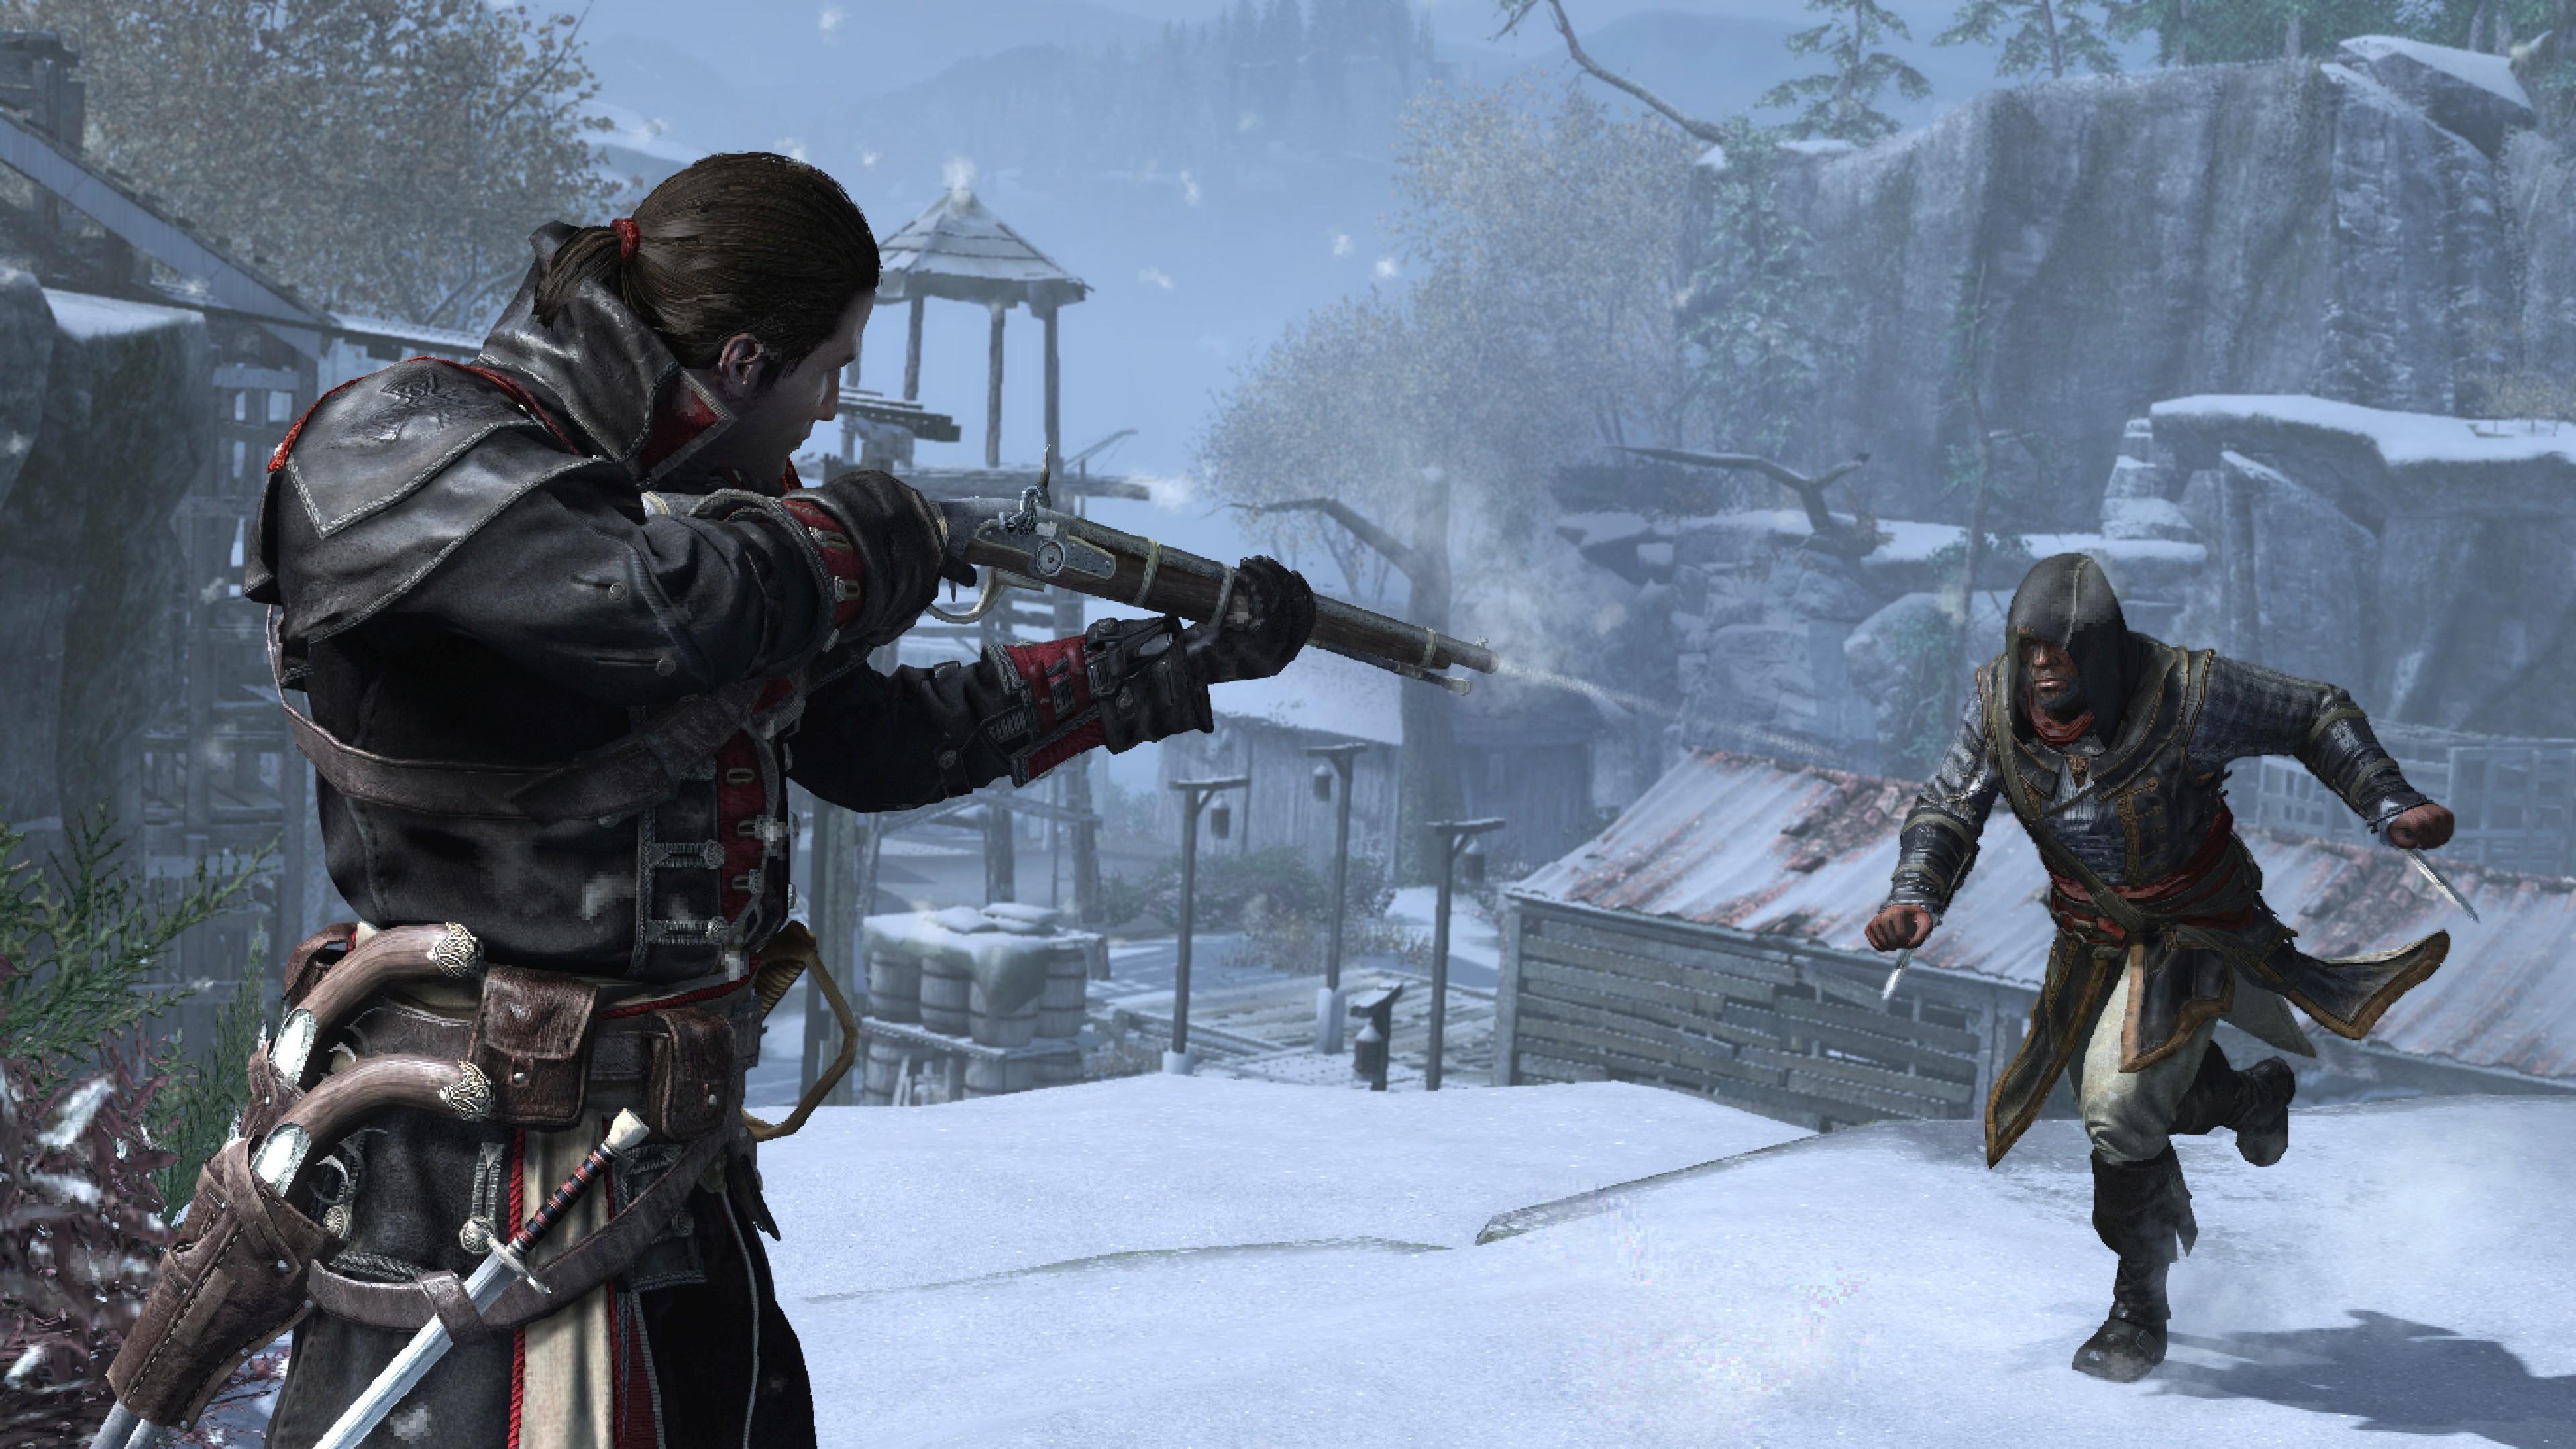 Le prochain Assassin's Creed se déroulerait en Grèce antique